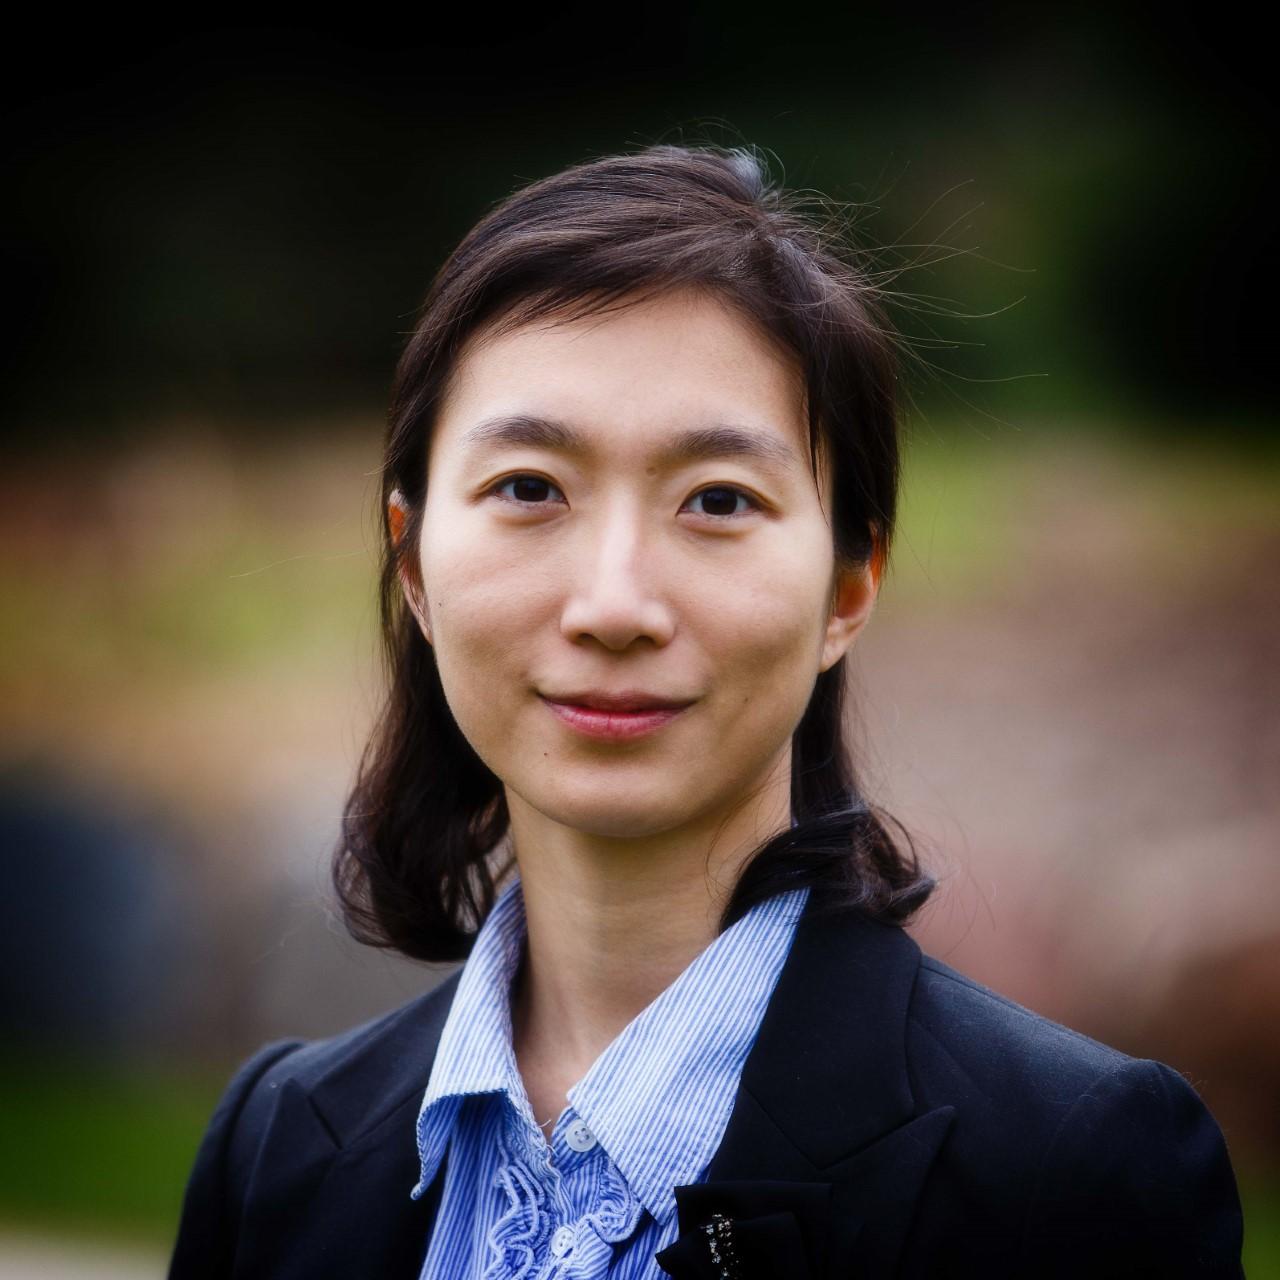 Portrait: Yuyoung Park